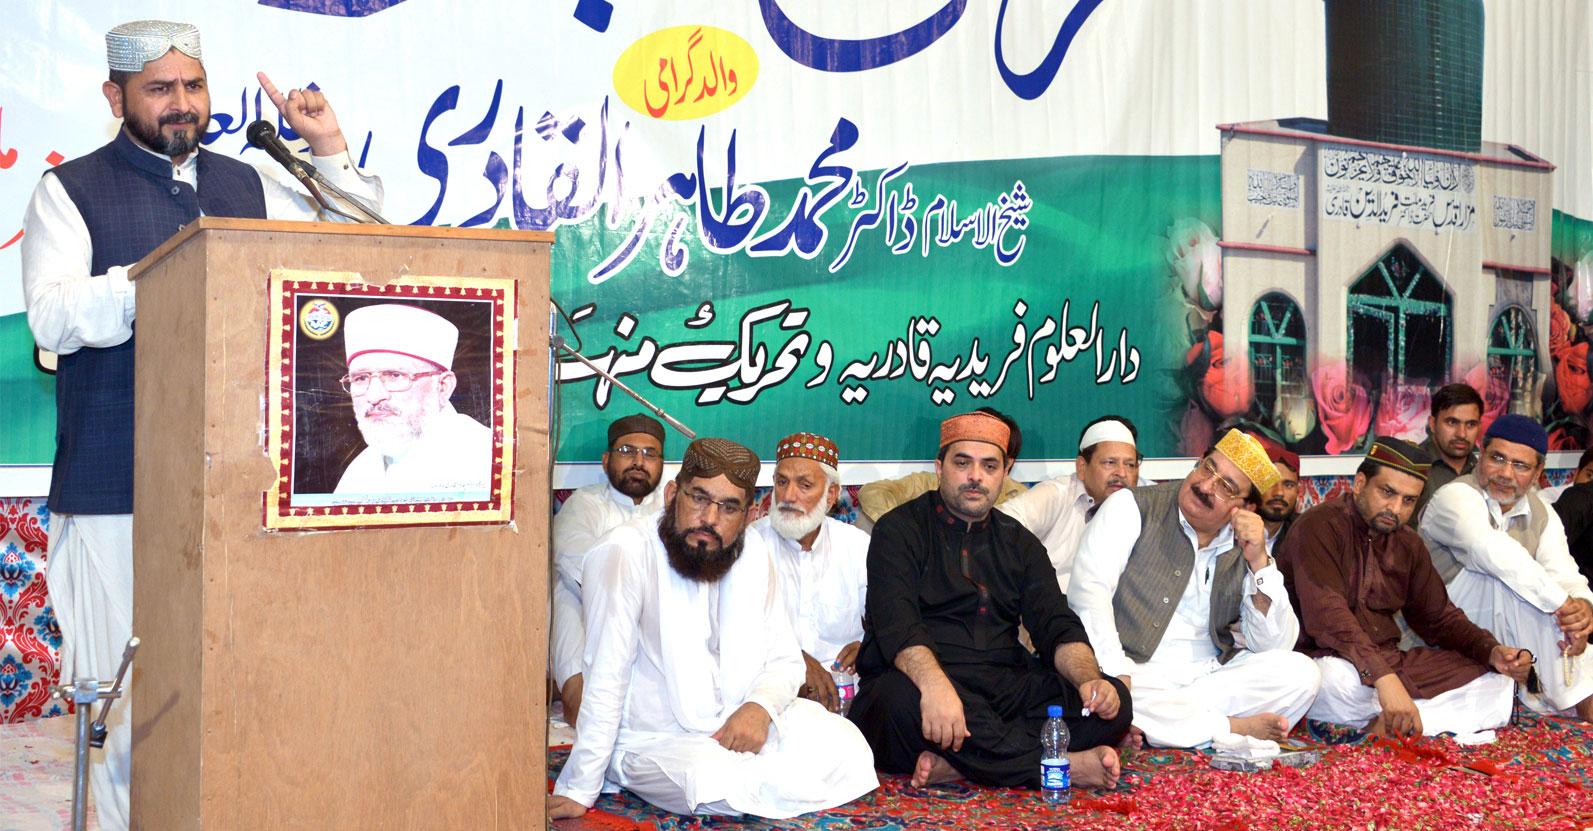 سربراہ عوامی تحریک ڈاکٹر محمد طاہرالقادری کے والد کی سالانہ برسی کے موقع پر سیمینار